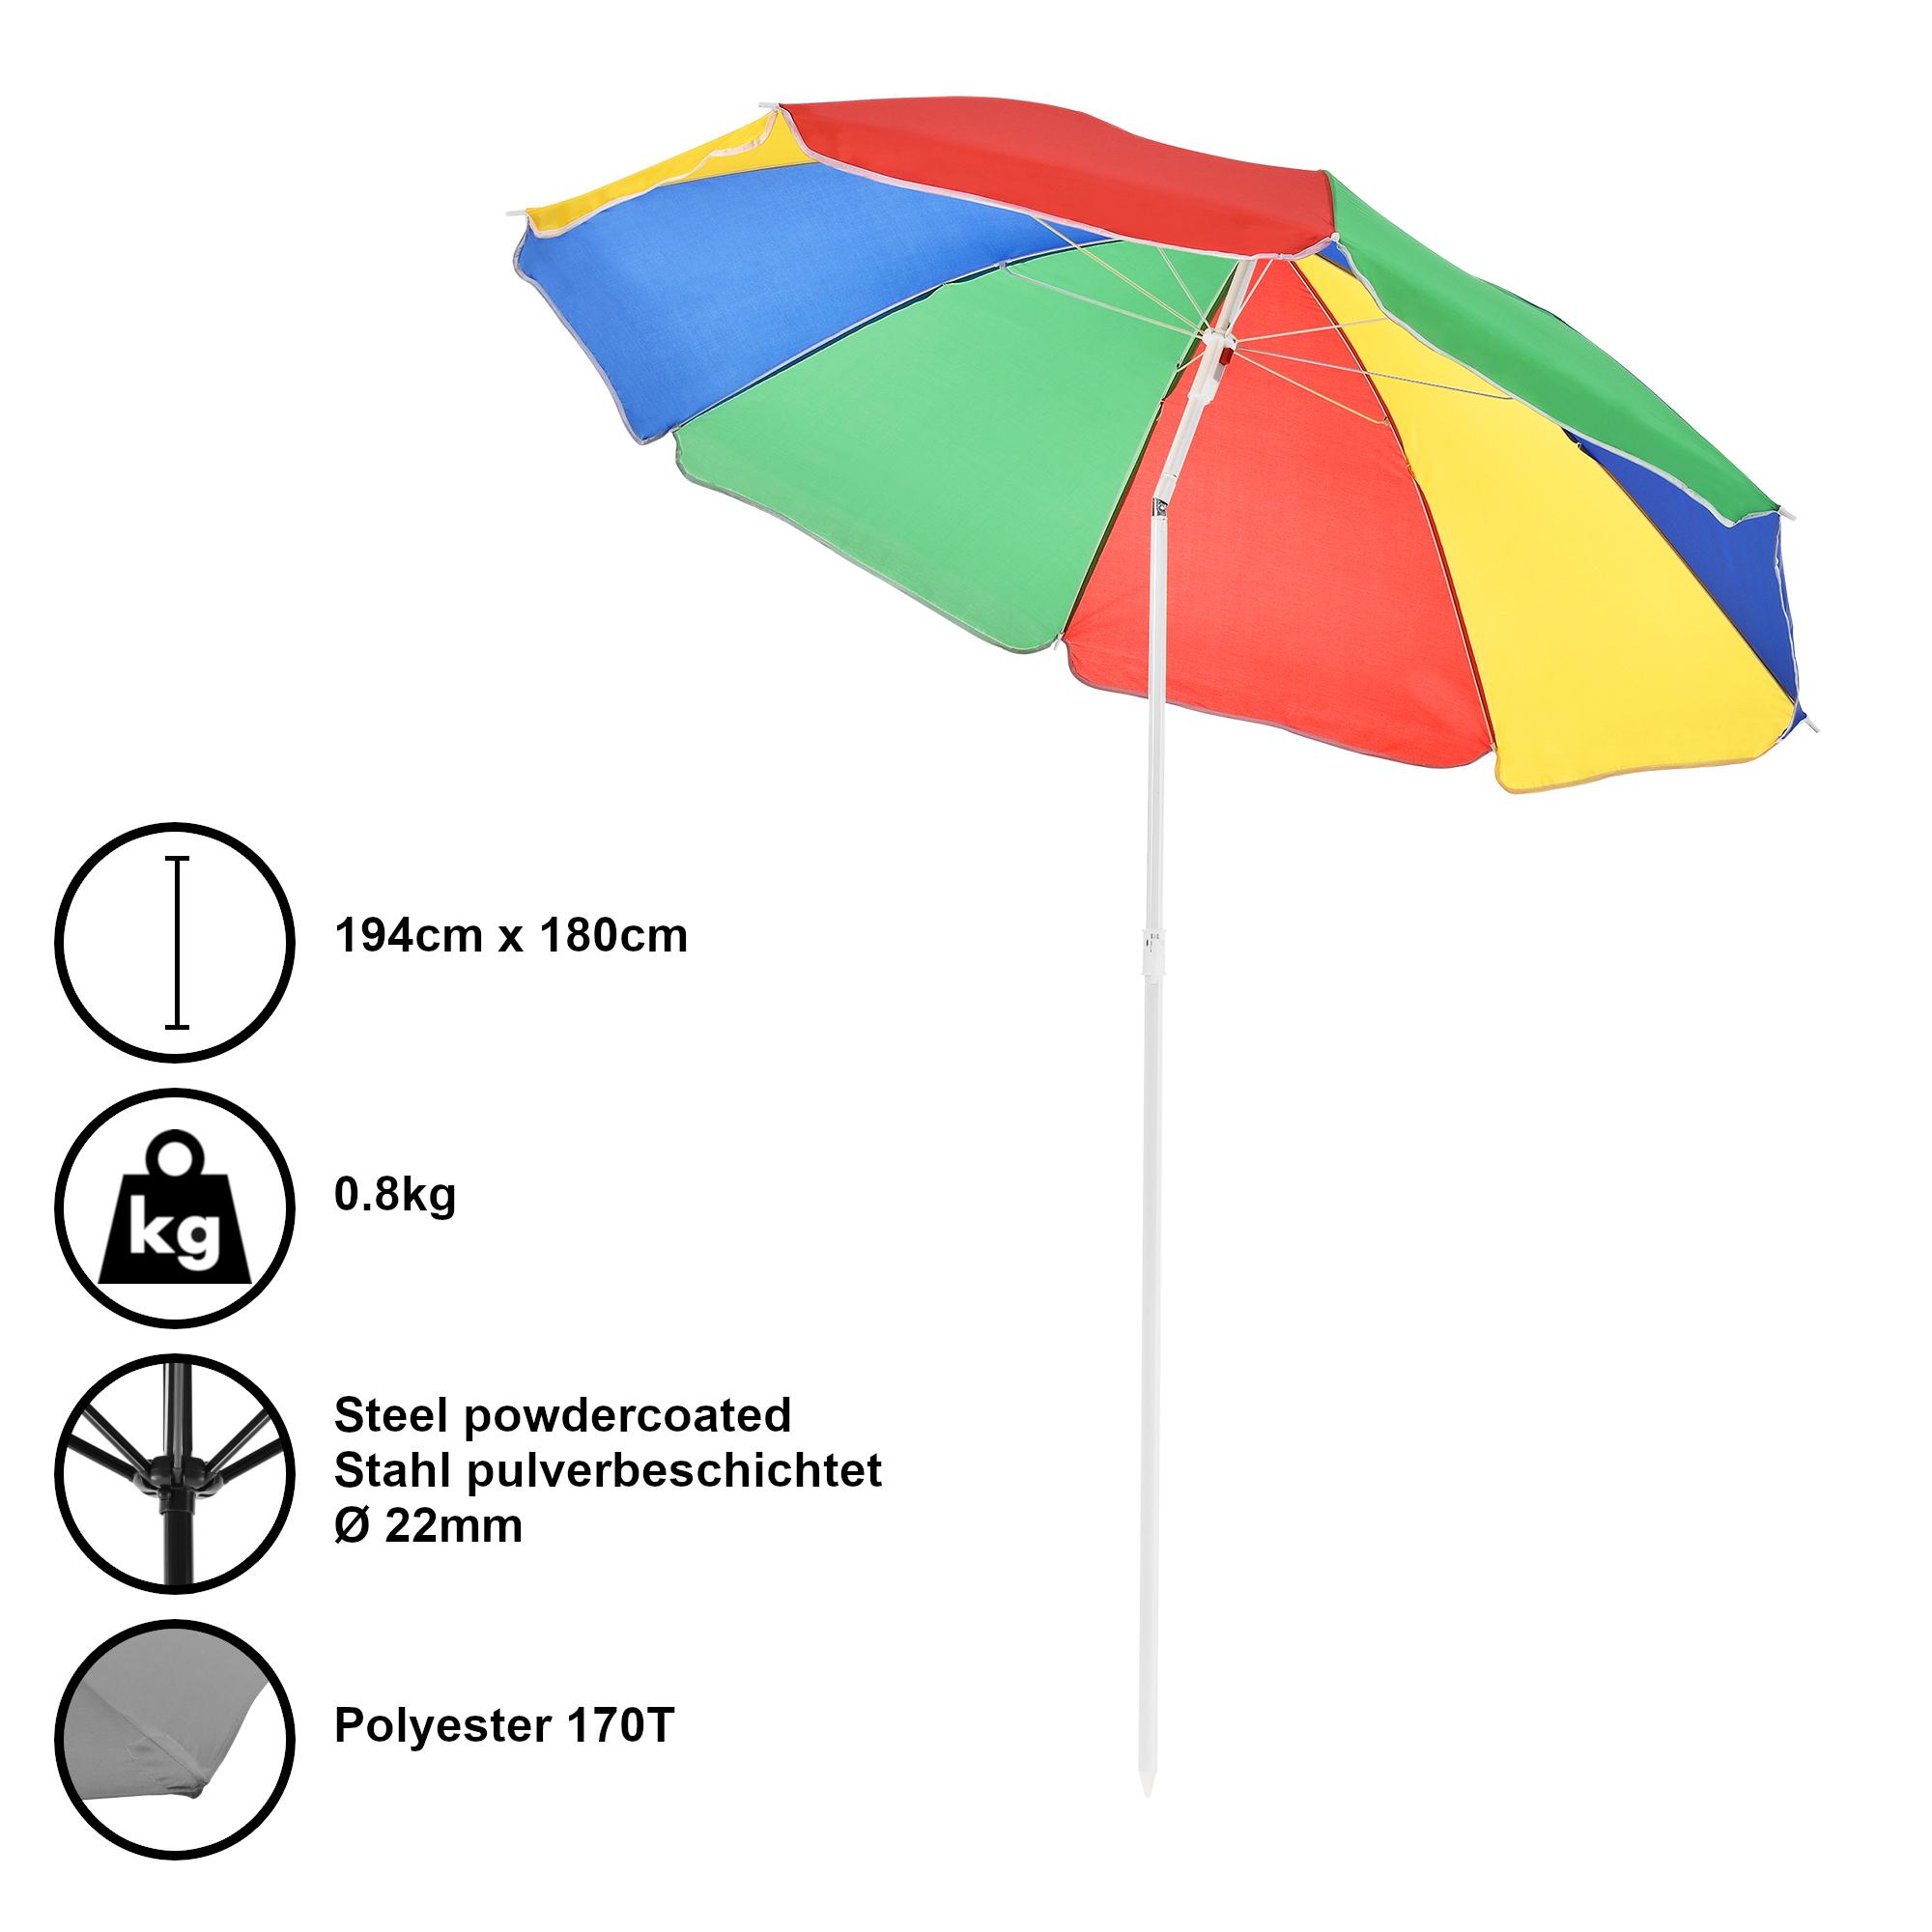 Ombrellone Da Spiaggia Pieghevole.Casa Pro Ombrellone Spiaggia O180cm Multicolore Sole Ombrellone